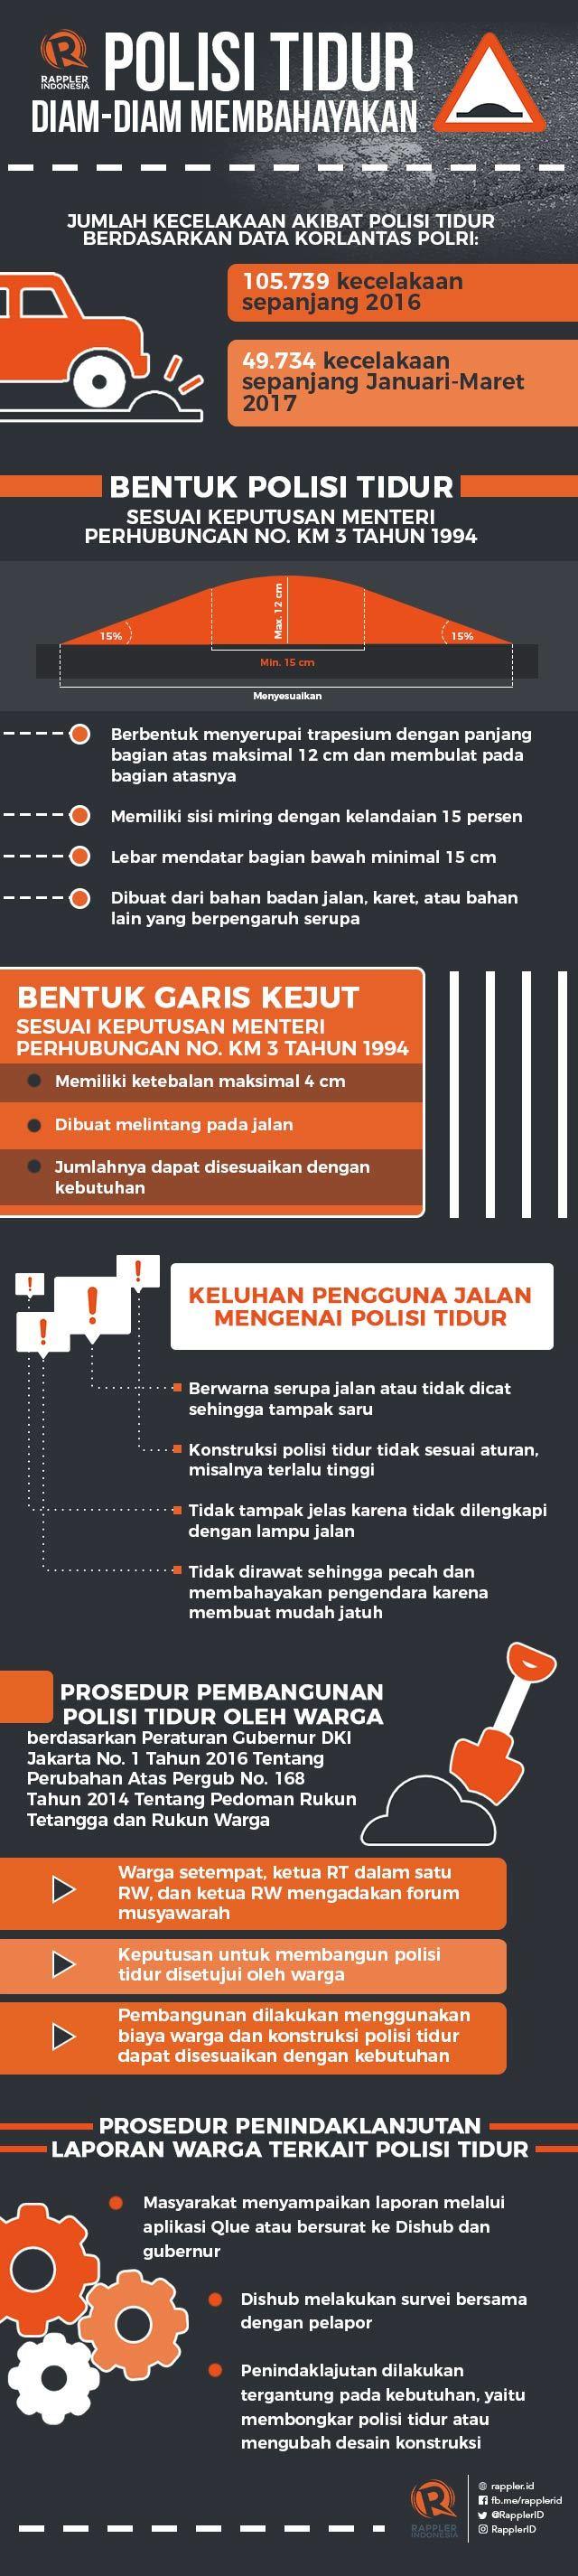 Infografis Polisi Tidur | Sumber Rappler.com